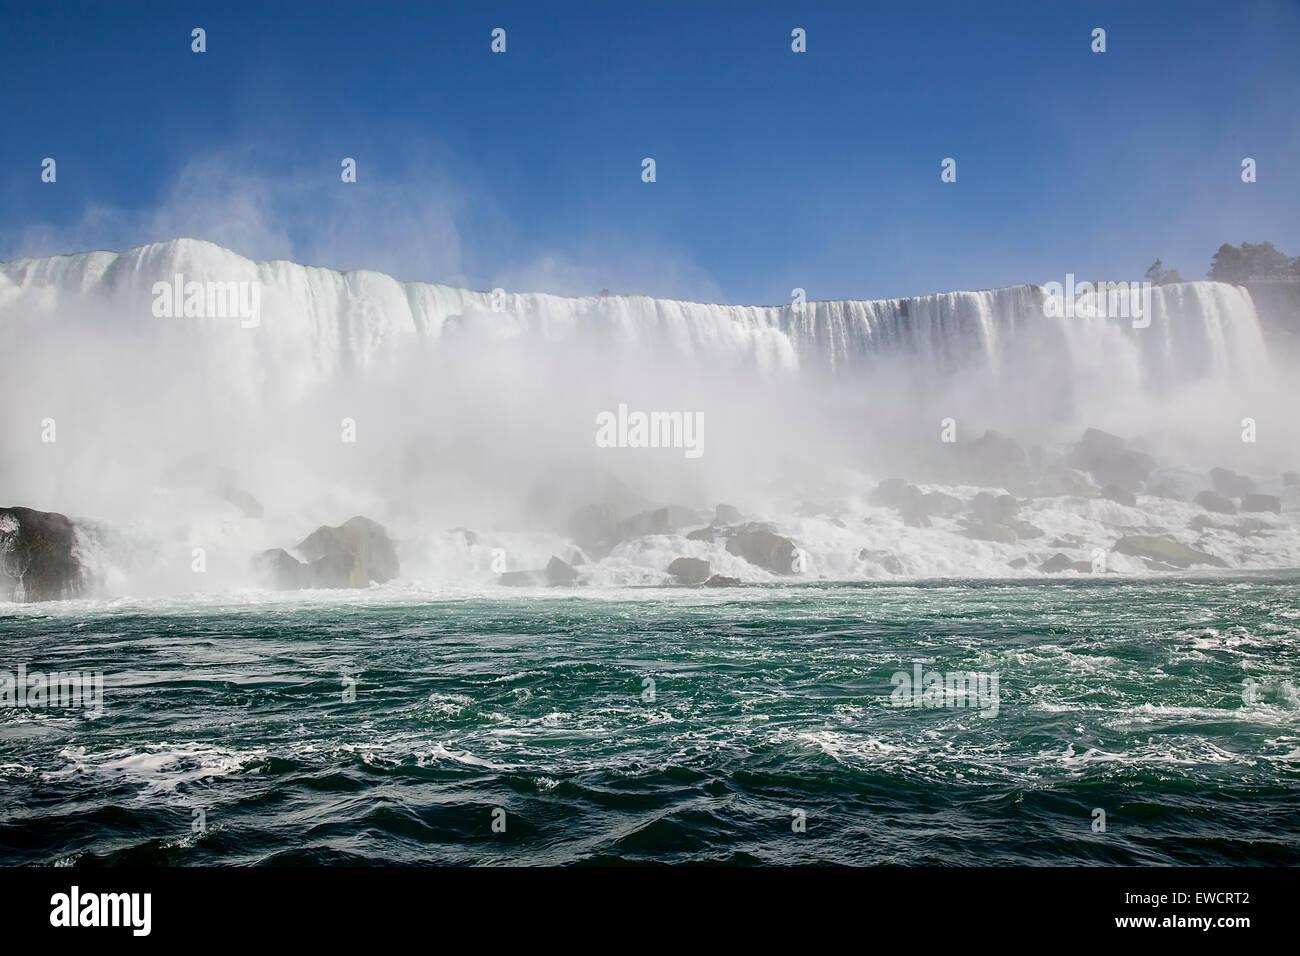 Niagara waterfalls in Toronto,Canada. - Stock Image